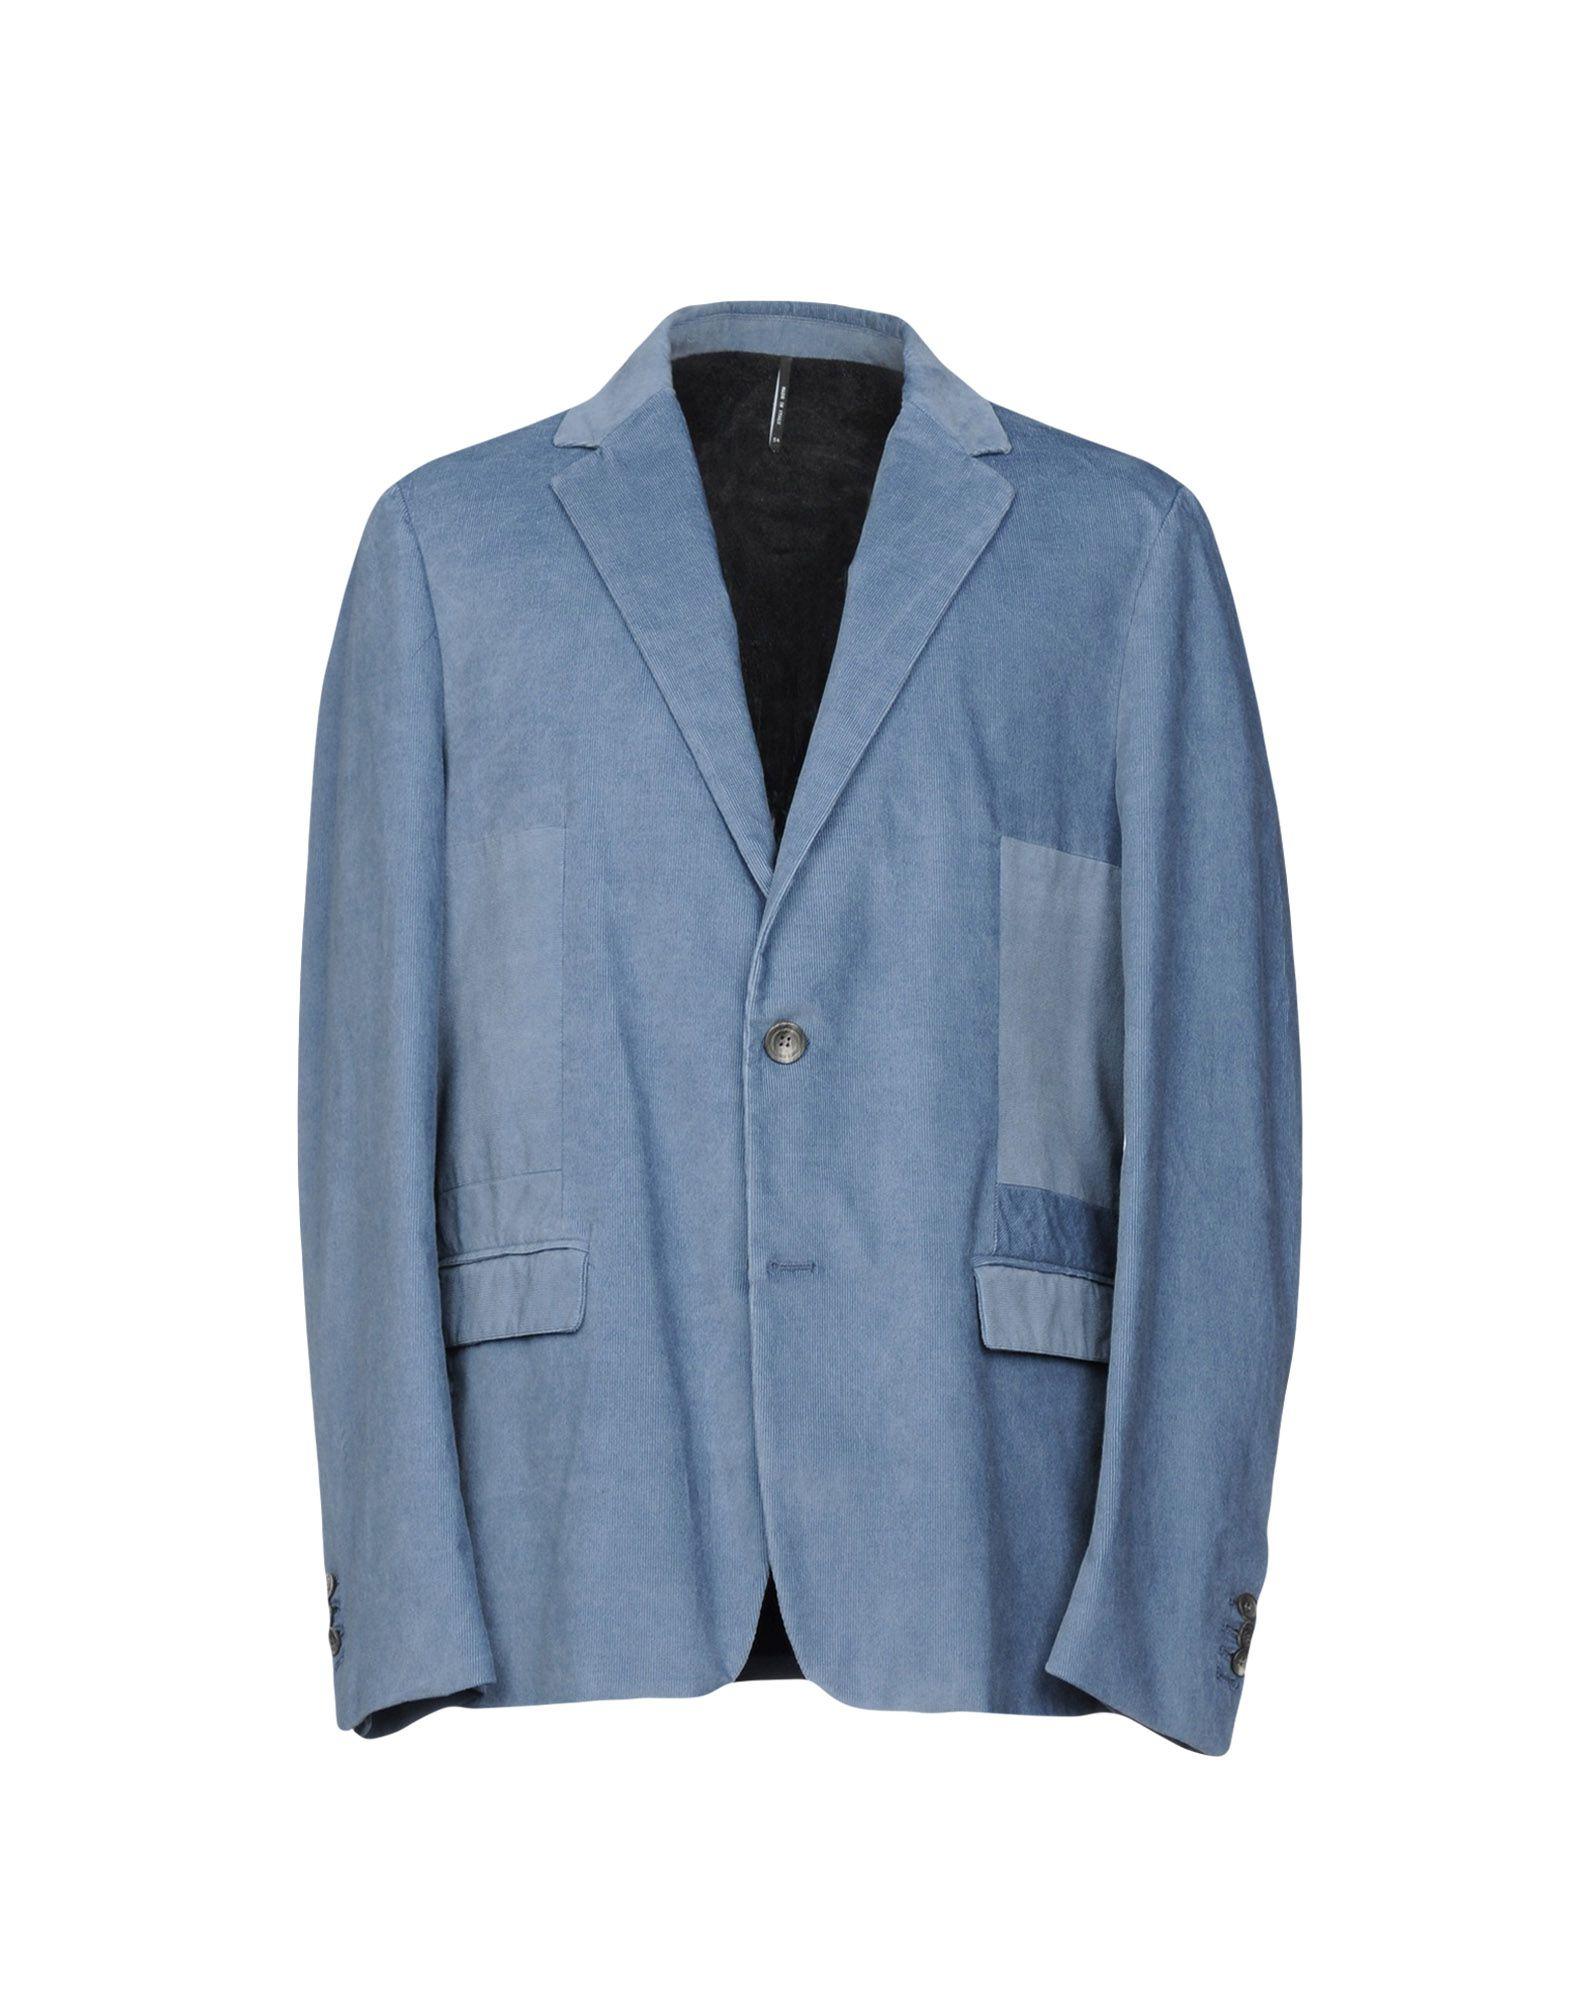 HELBERS Blazer in Slate Blue